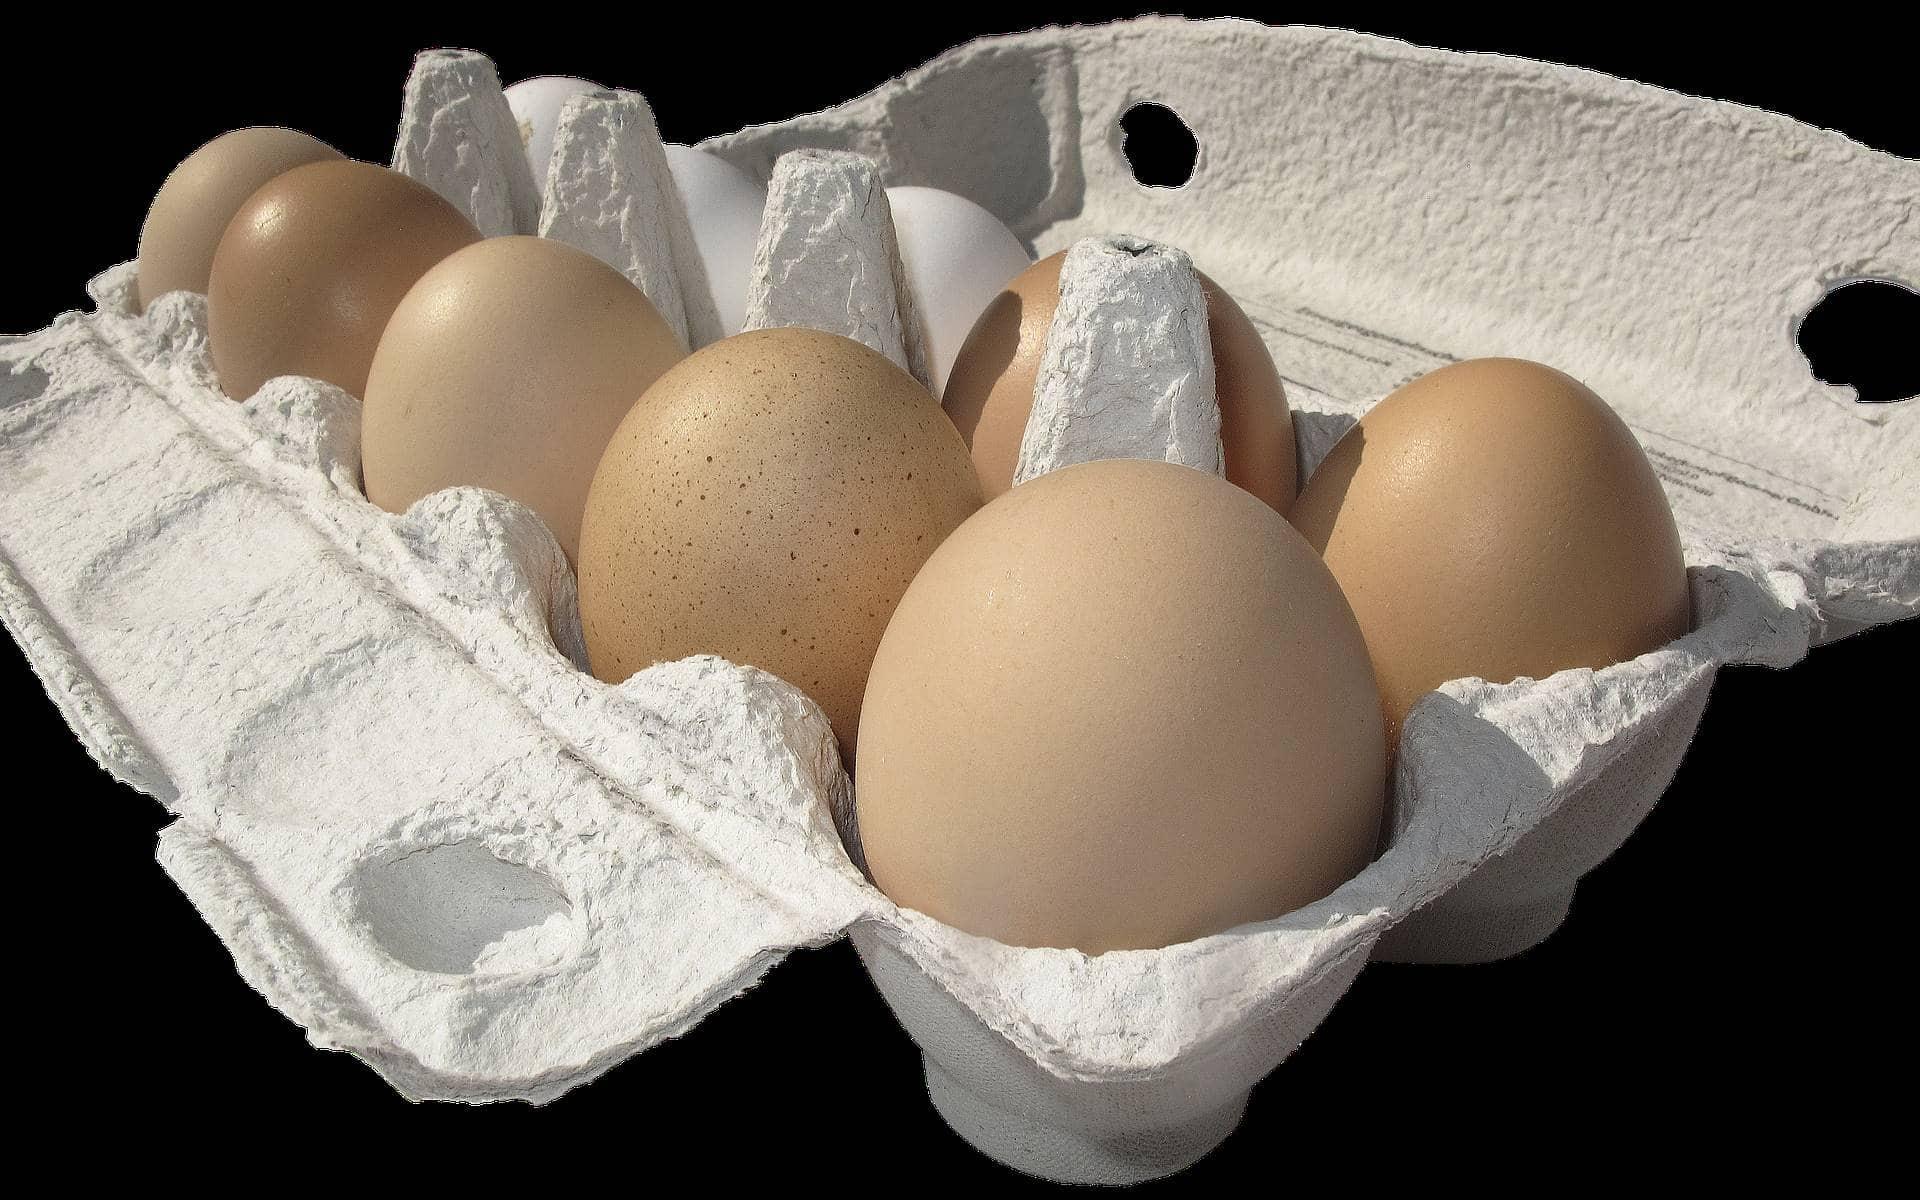 הביצים הושארו ברכב בחום הכבד, צילום אילוסטרציה